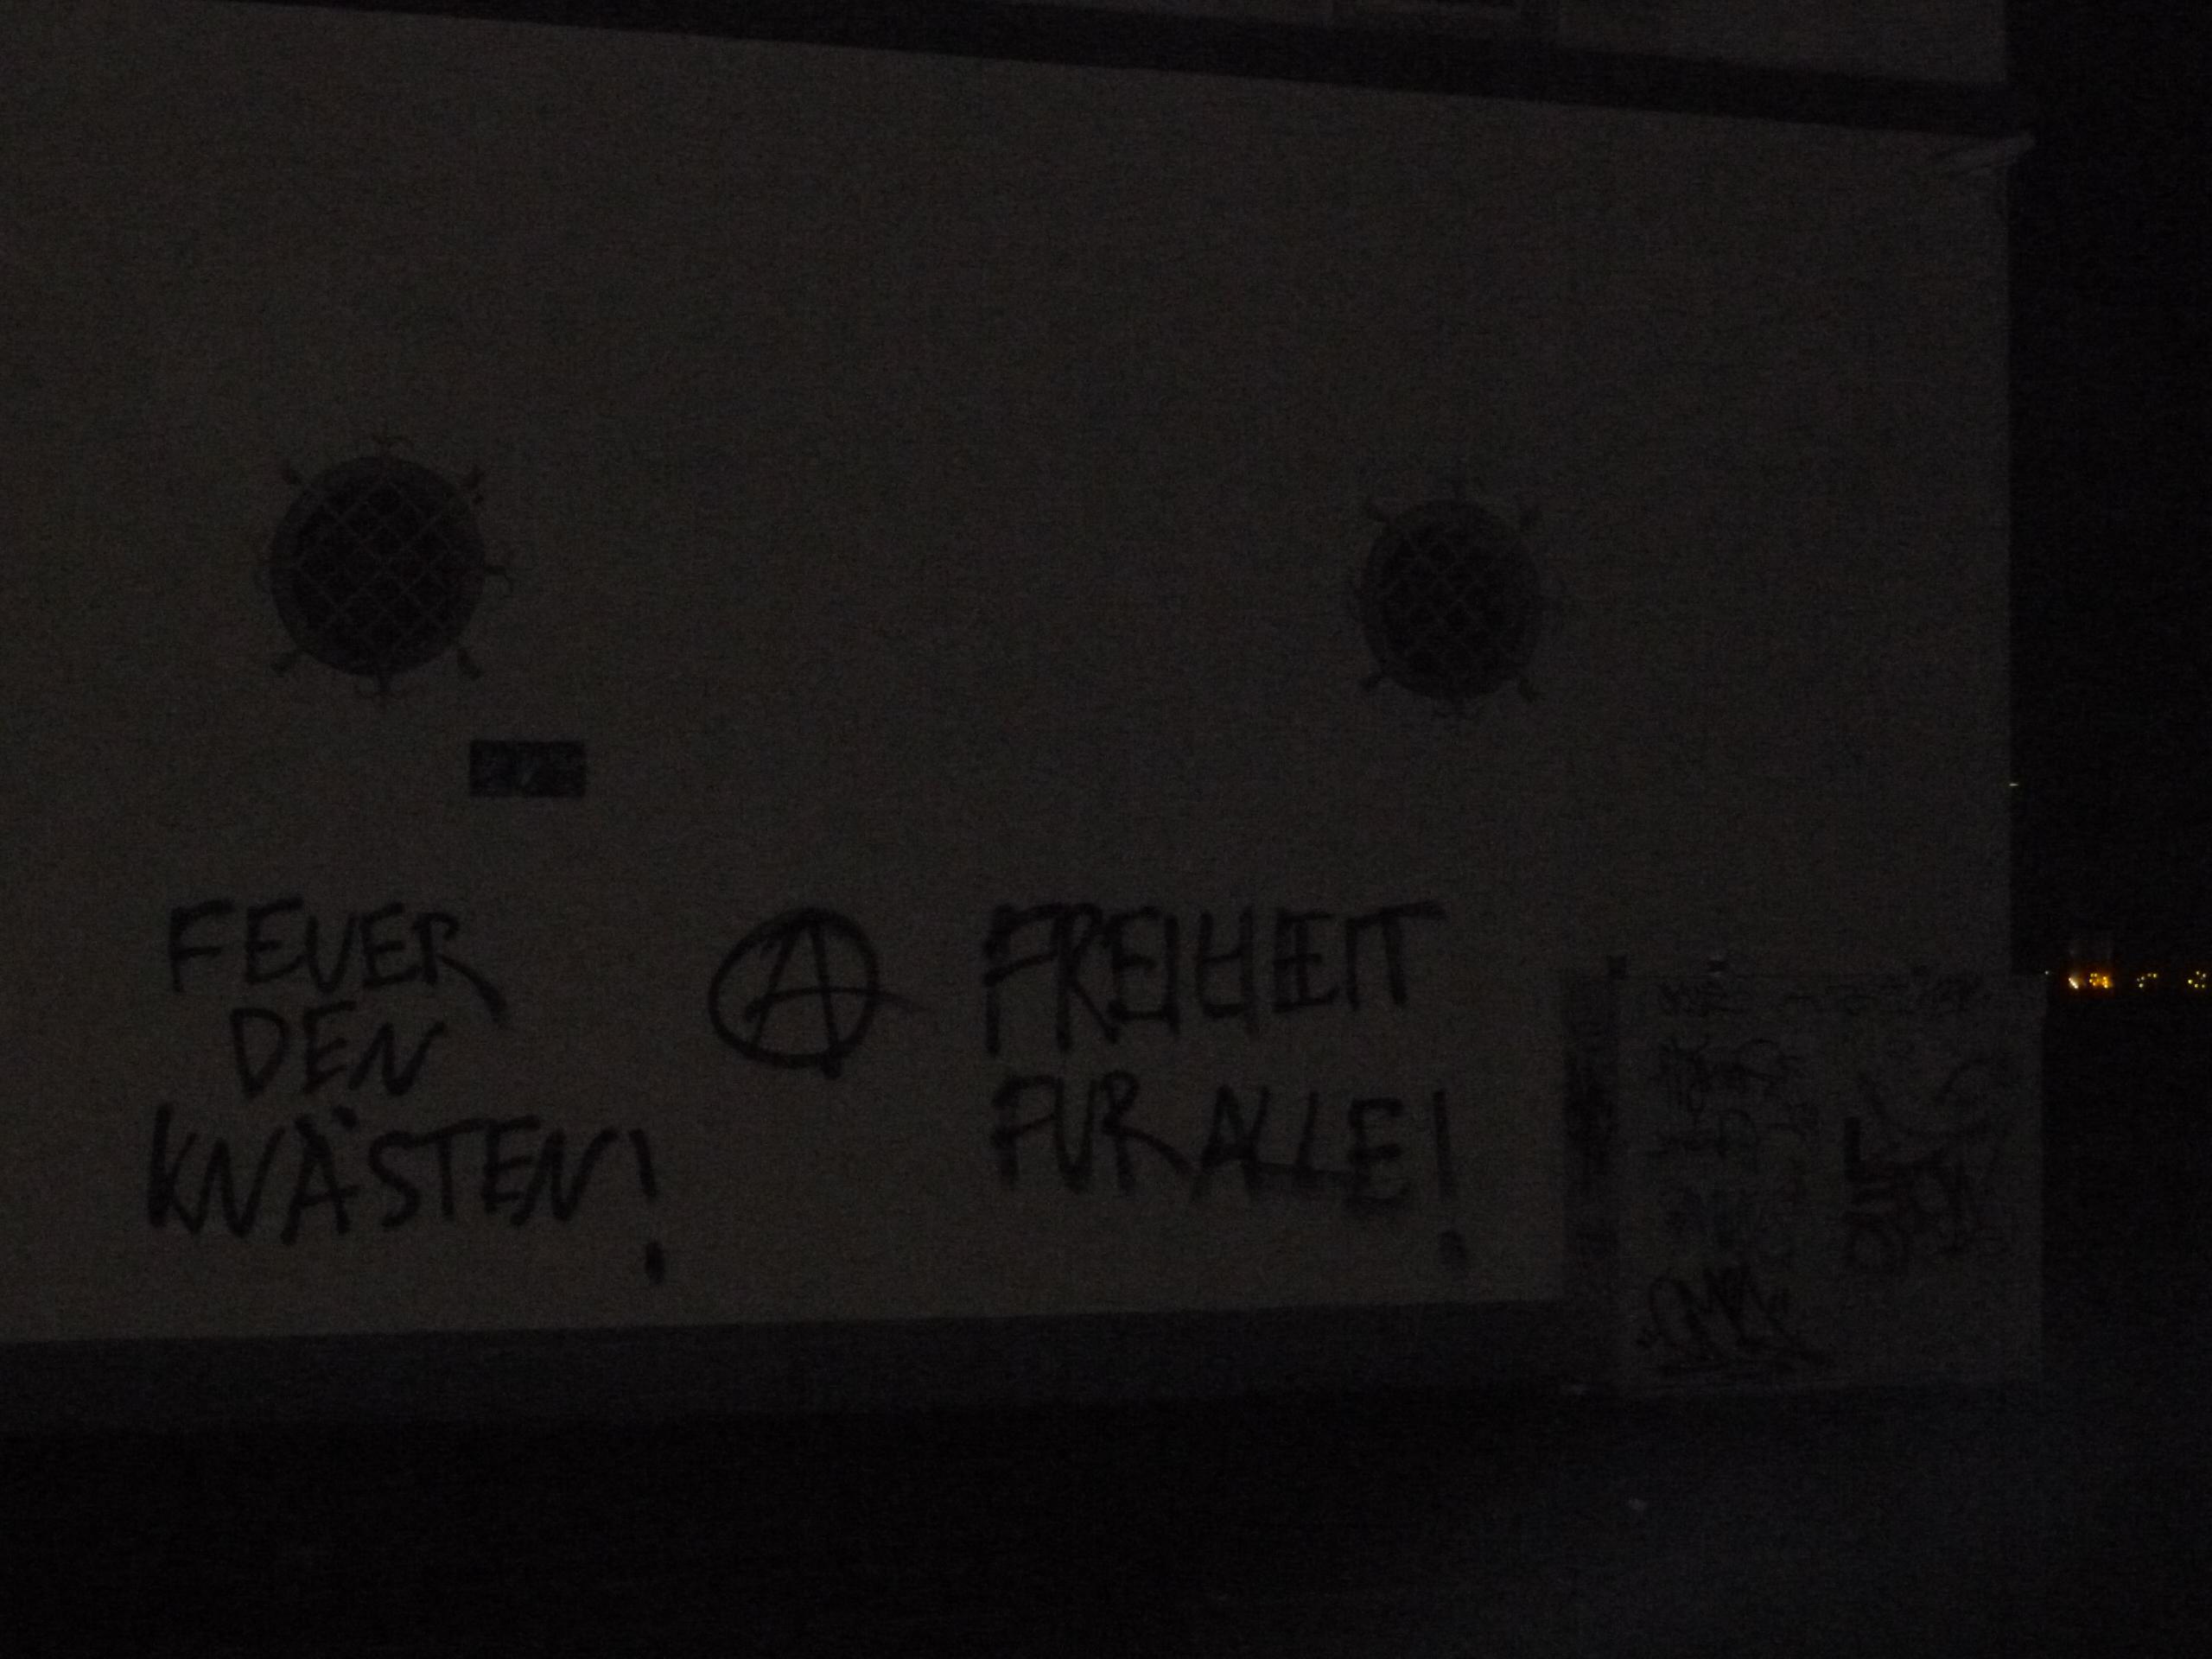 'Feuer den Knästen' und 'Freiheit für alle' als Graffiti an den Außenwänden der JVA Dortmund